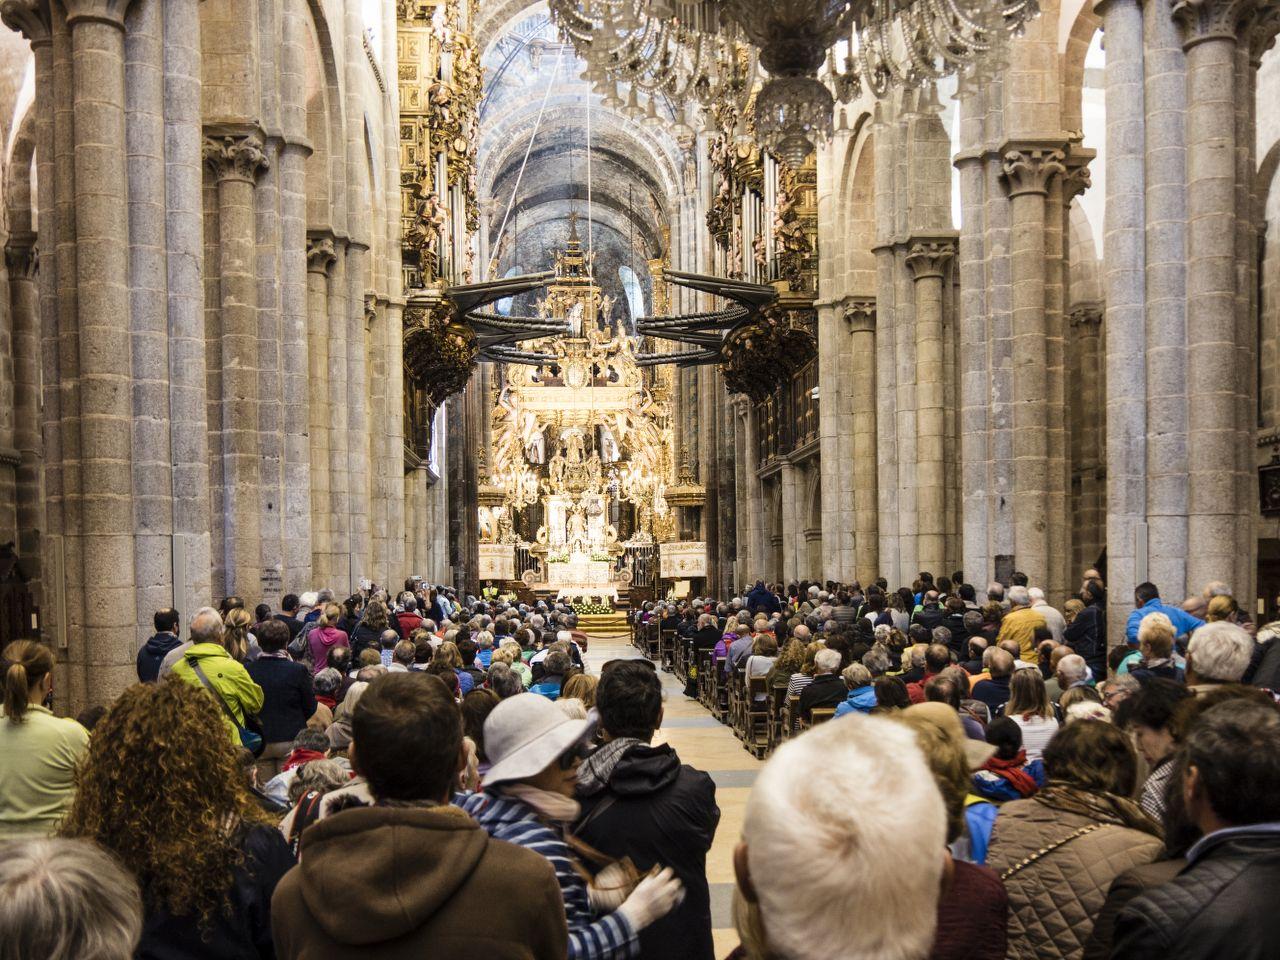 messe-kathedrale-santiago-de-compostela-jakobsweg-belvelo-tom-andersch-x